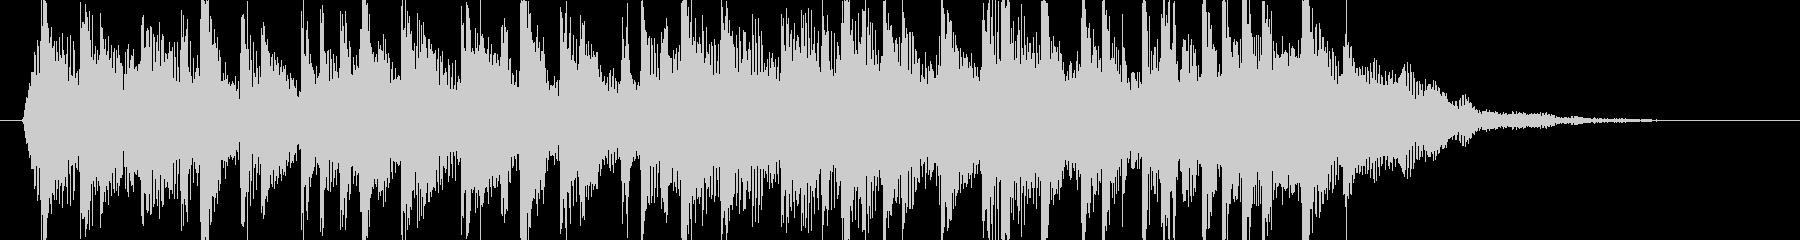 アコギ主体のマイナーなジングルの未再生の波形